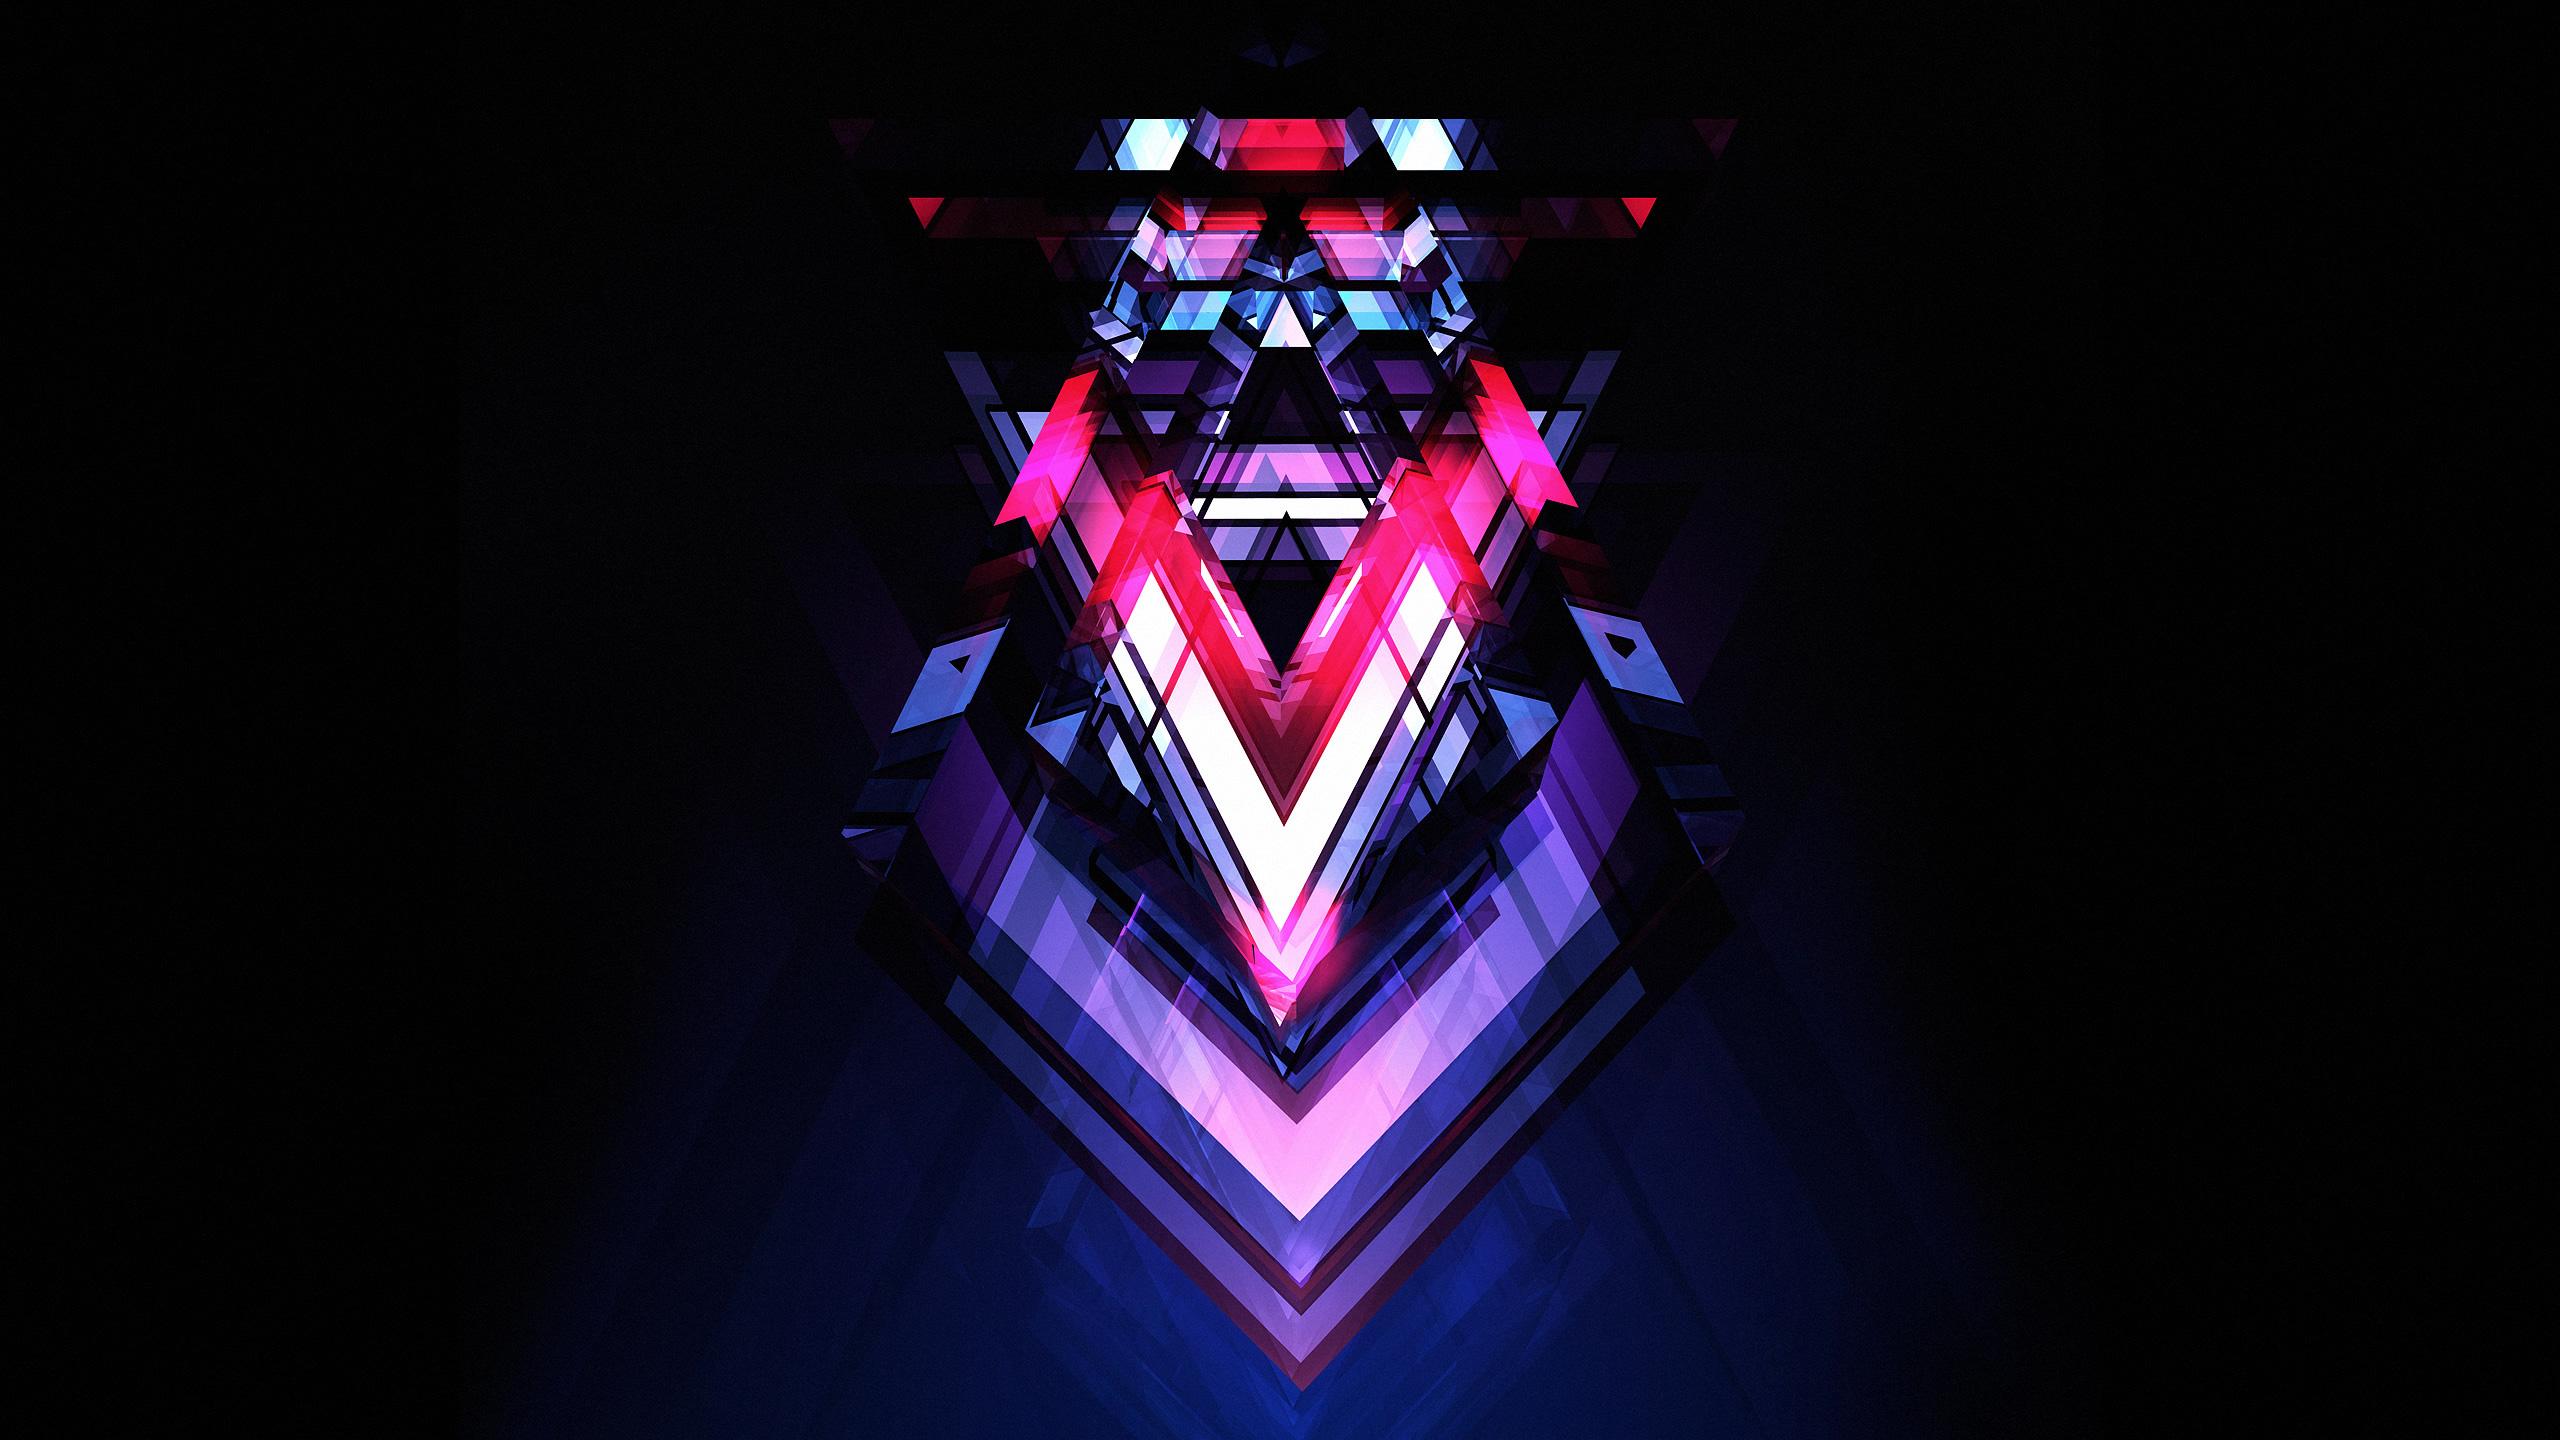 Wallpaper of the Week - Meta II by Justin Maller